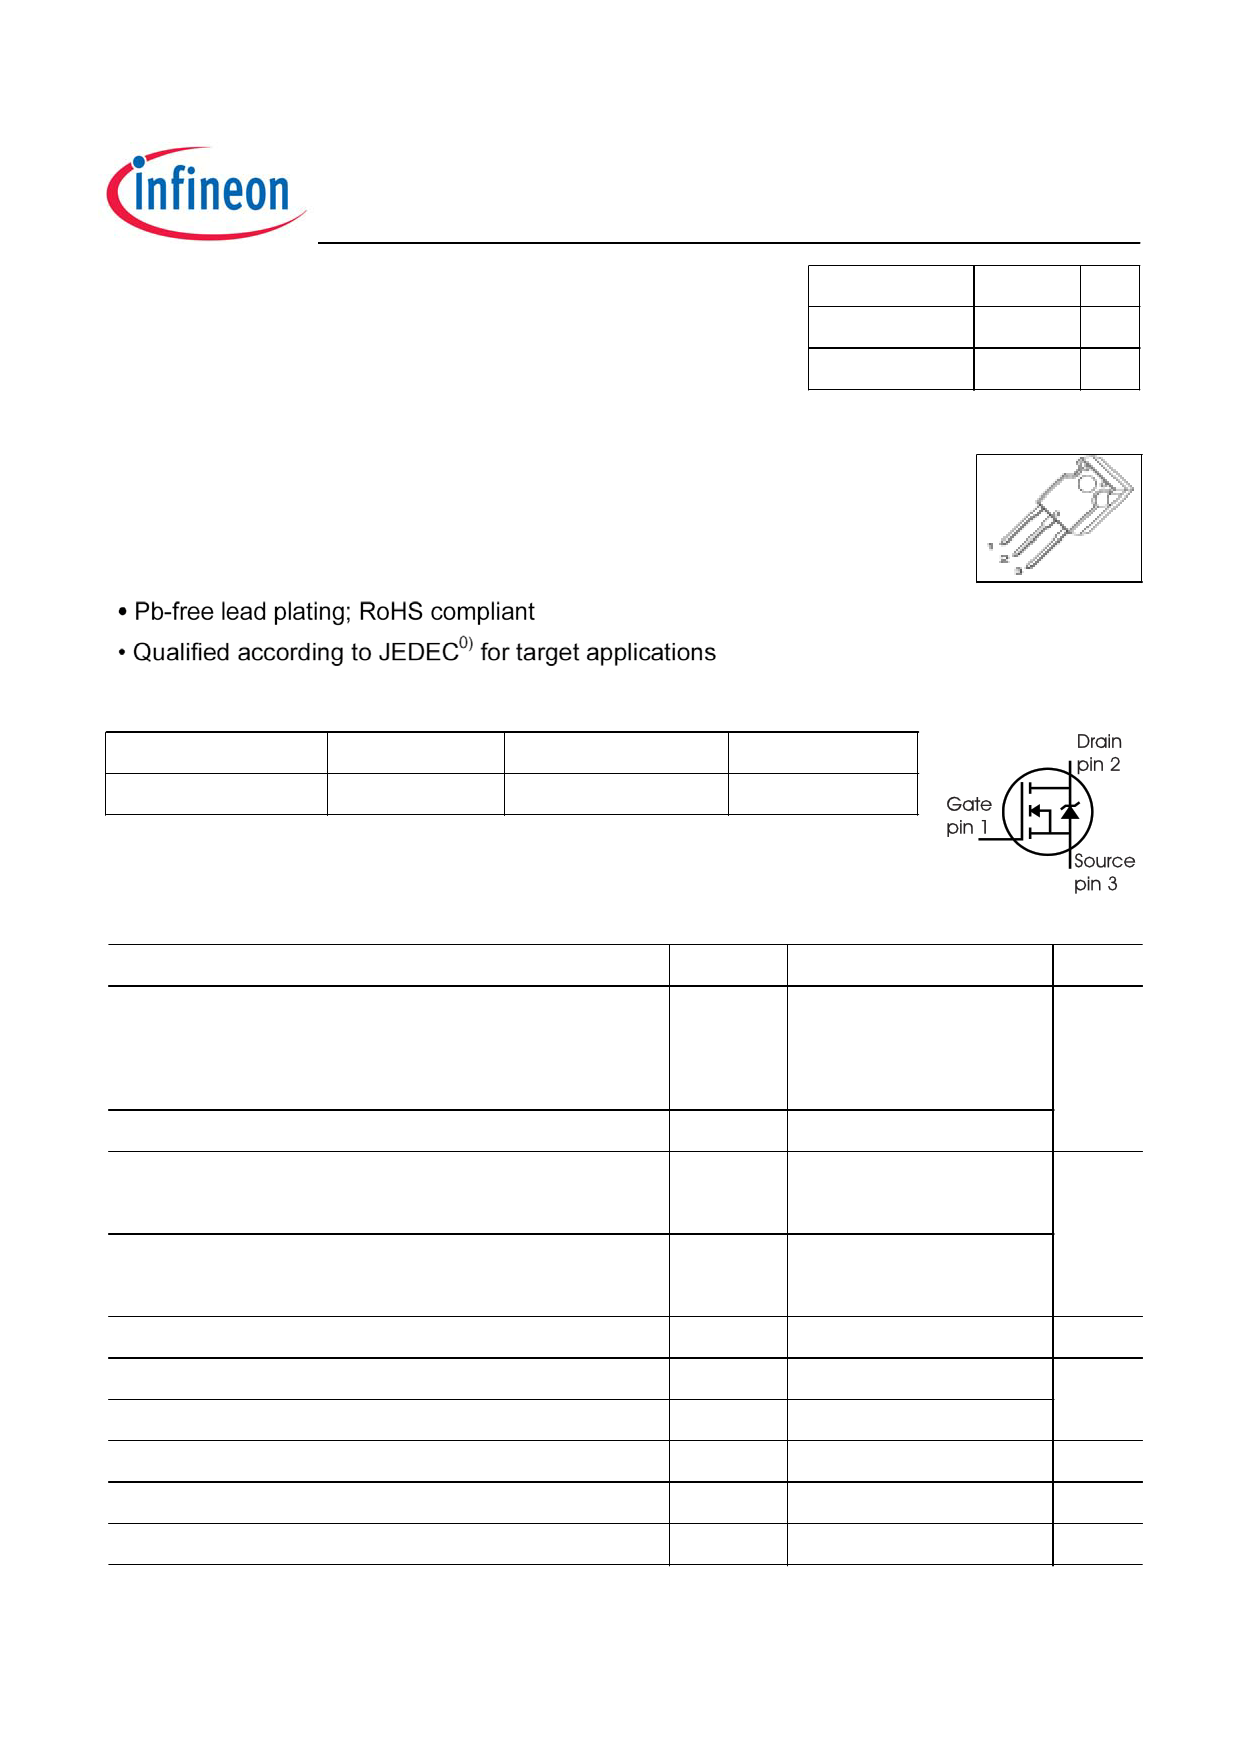 47N60C3 datasheet image